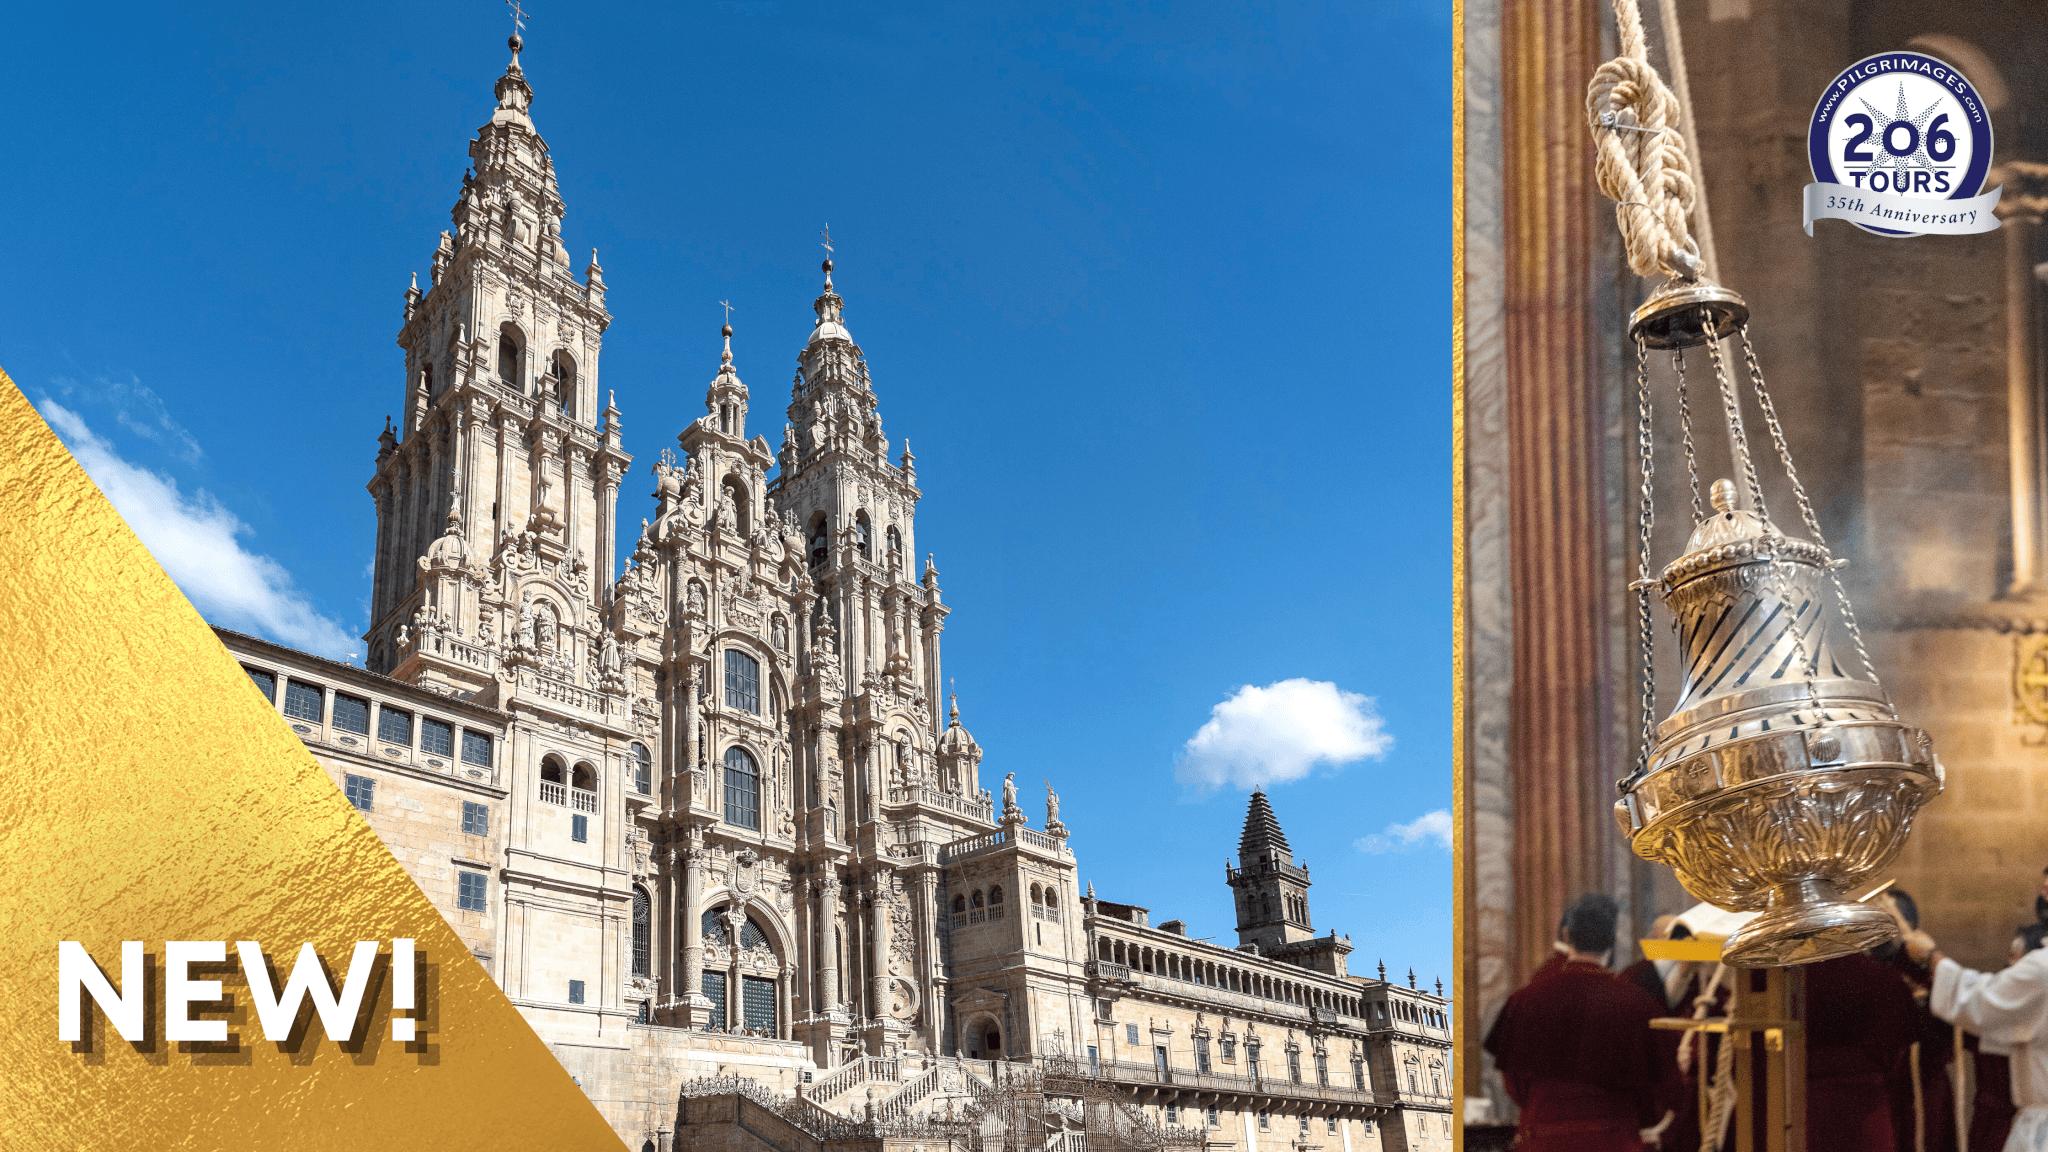 cathedral-de-compostela-206-tours